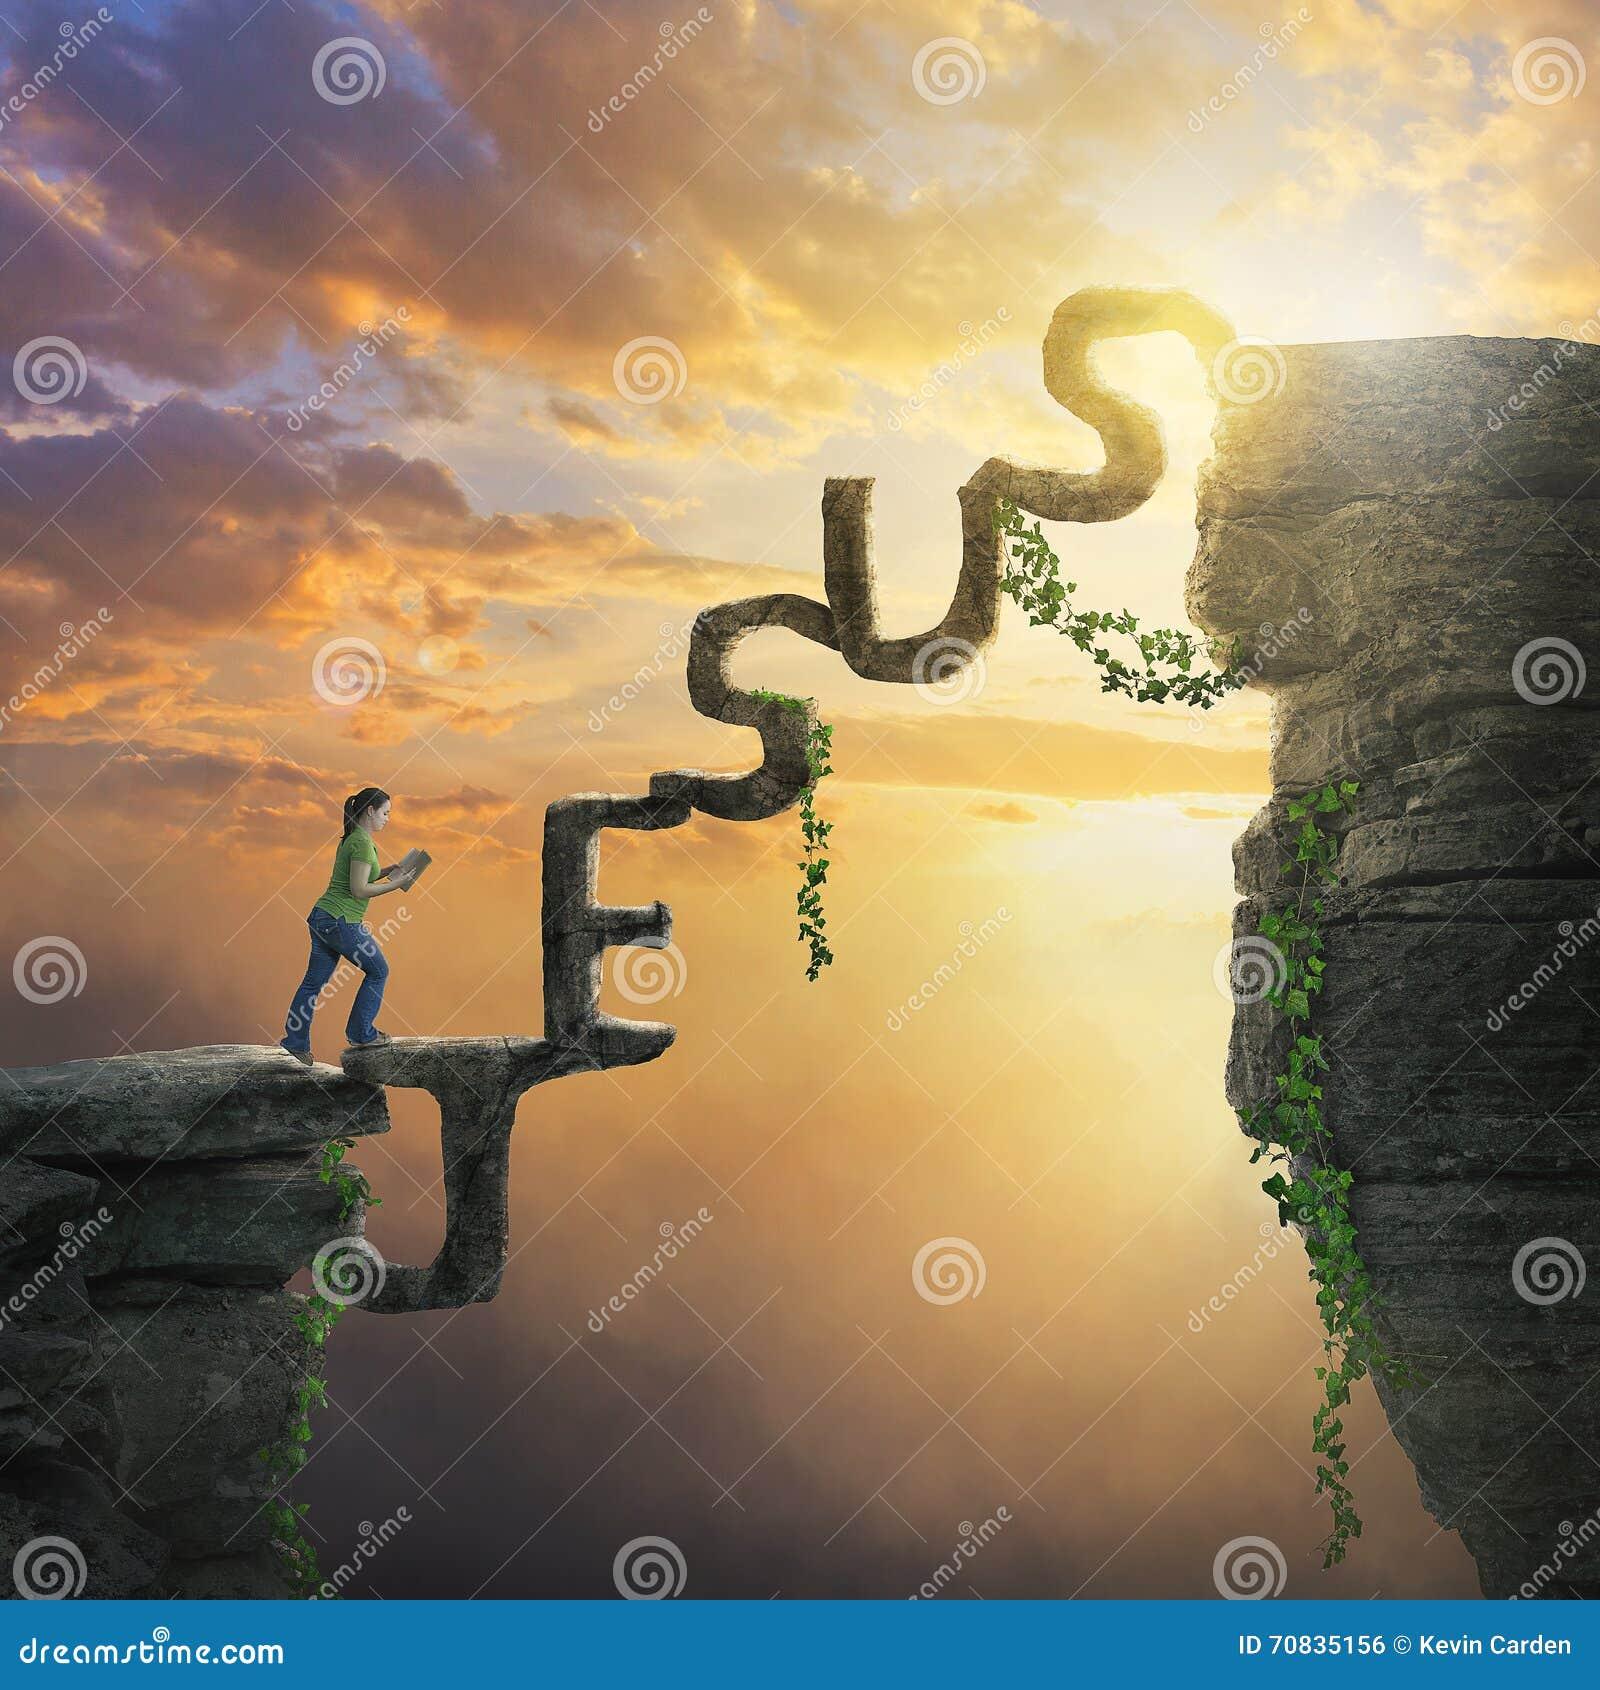 Jesus bridge between cliffs